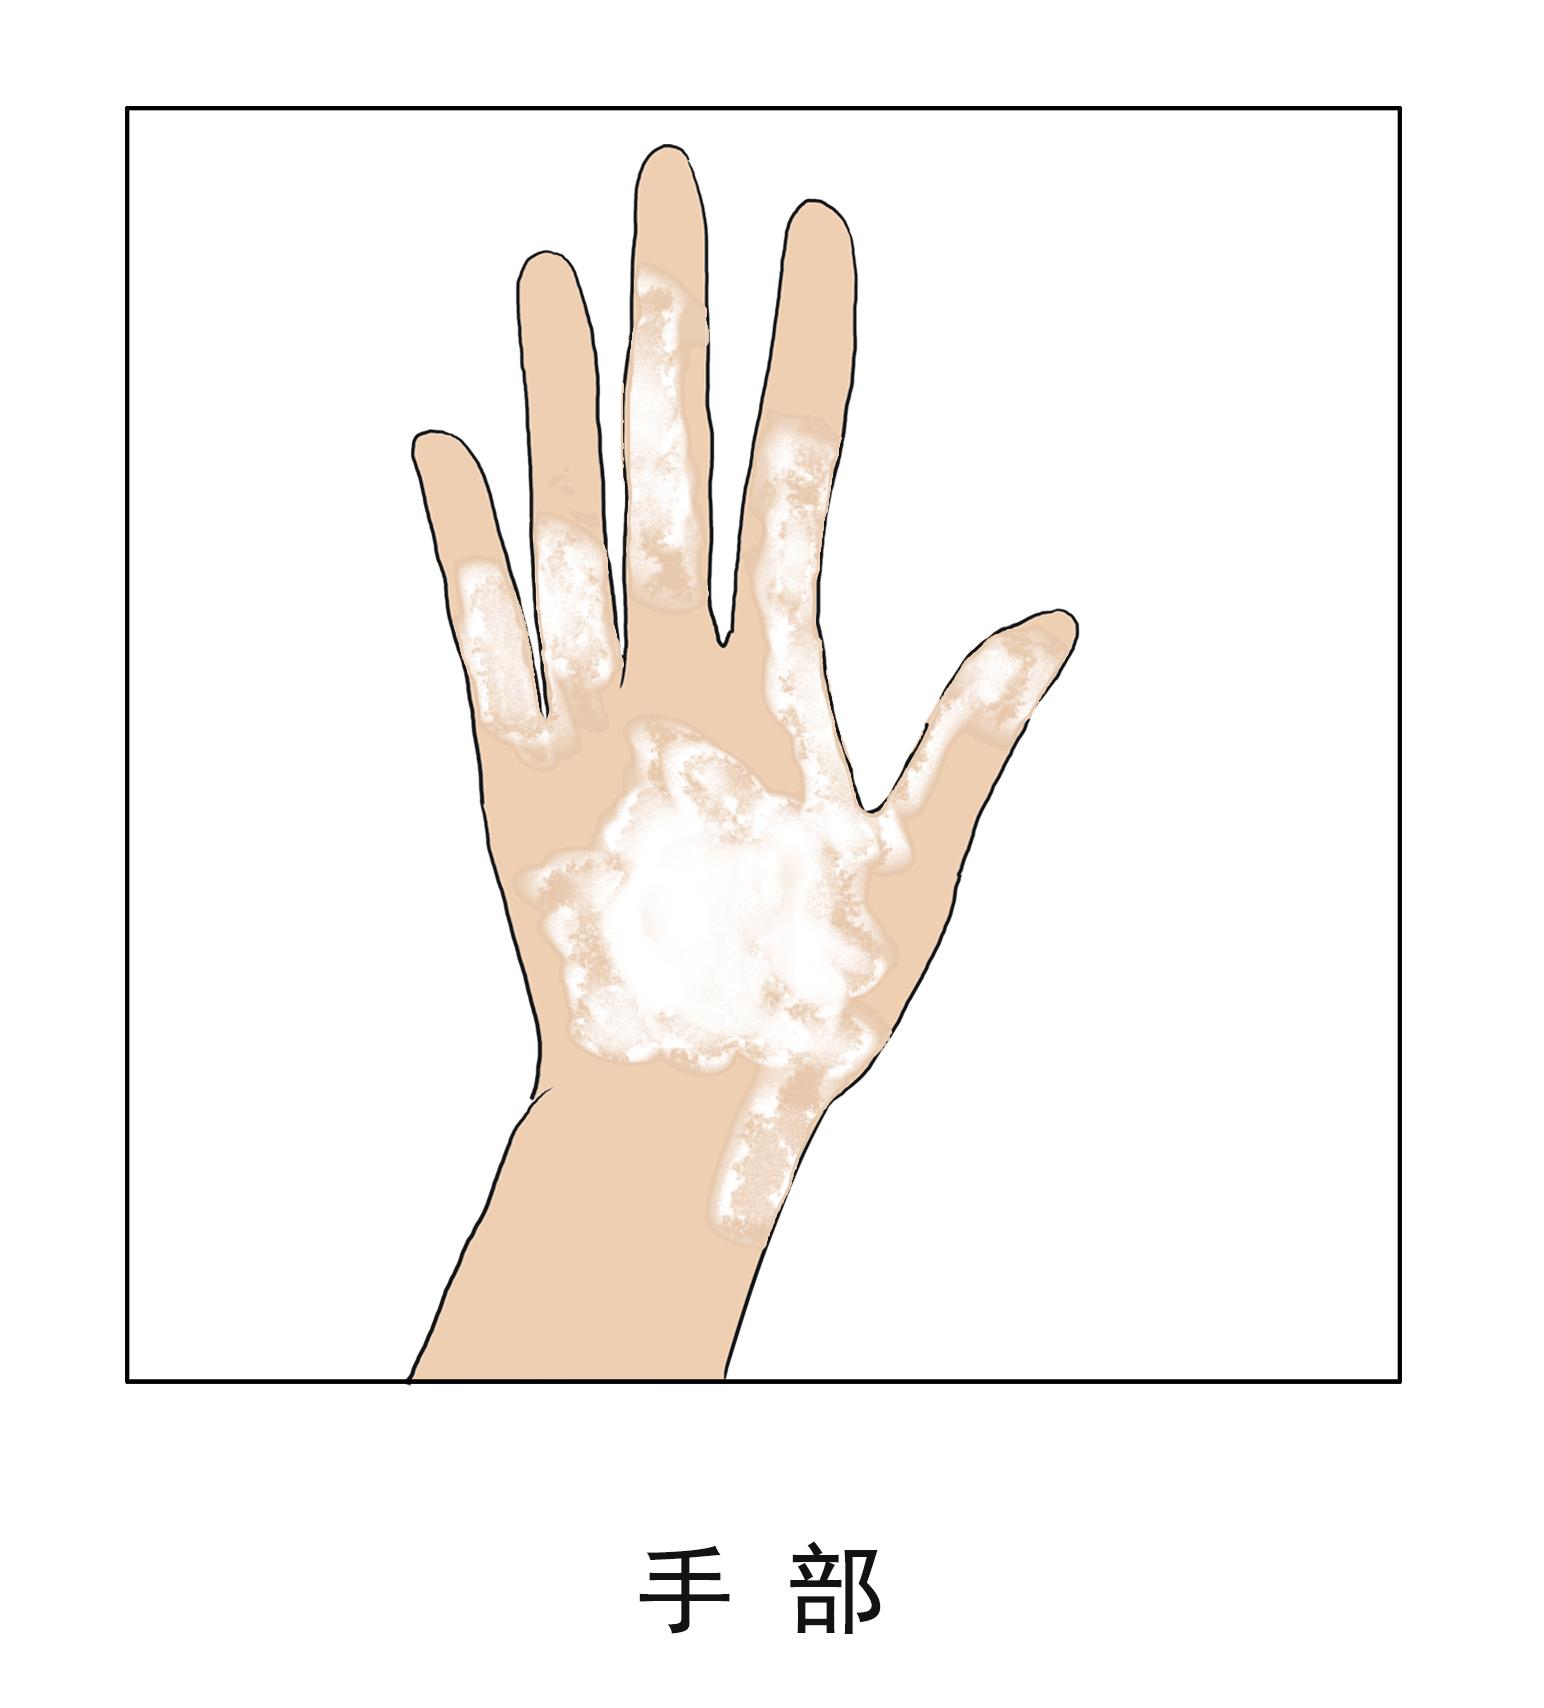 手部长白斑的病因有哪些